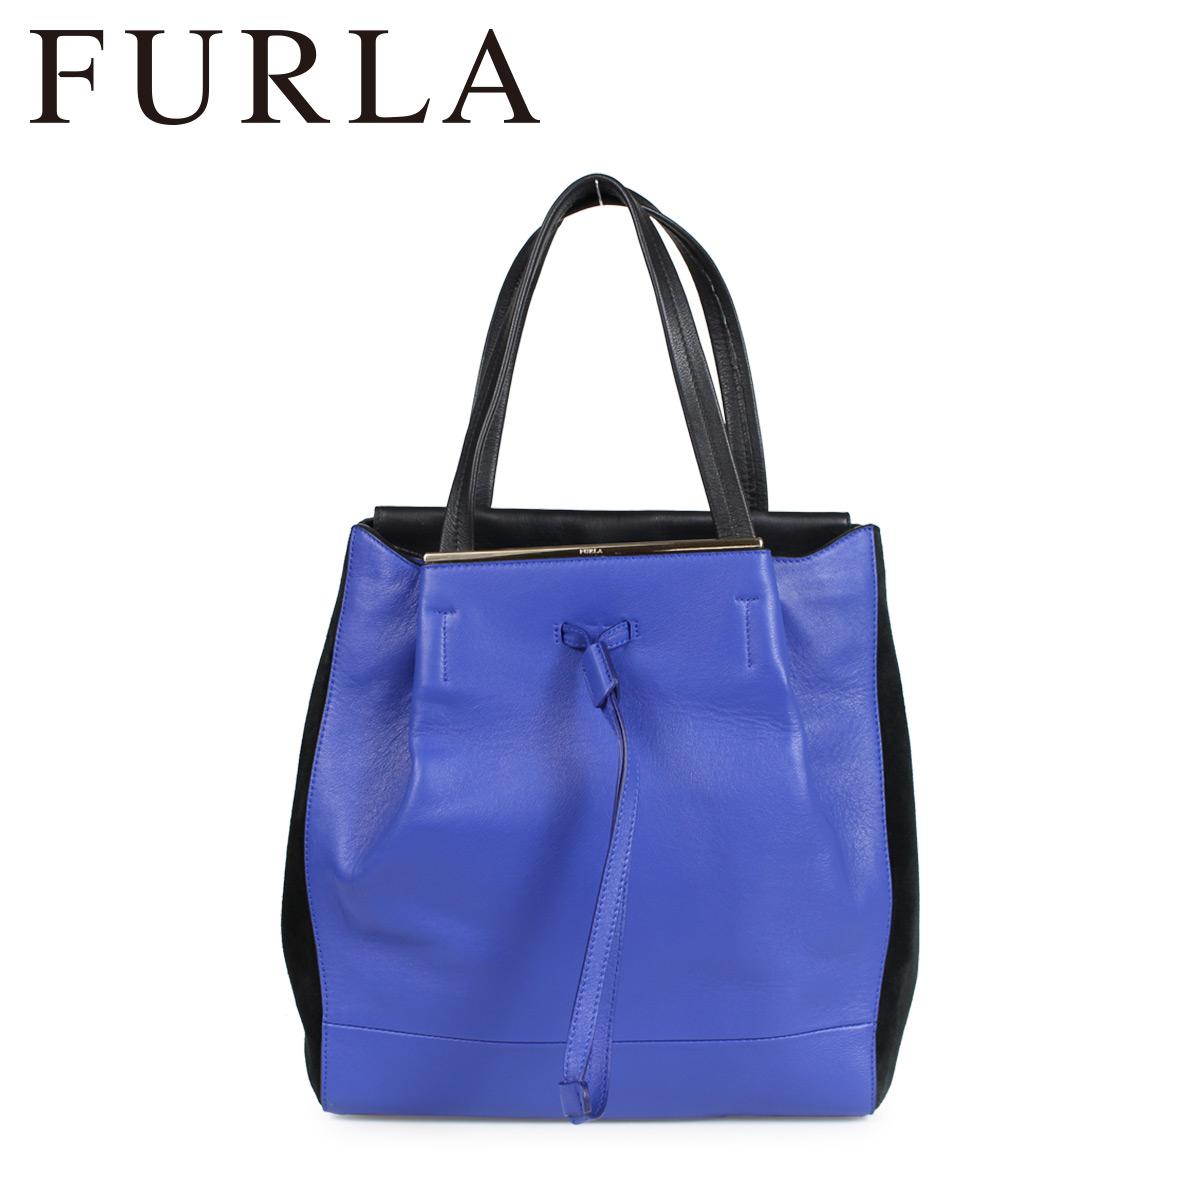 FURLA TWIST TOTE BAG フルラ バッグ トートバッグ レディース ブルー 768557